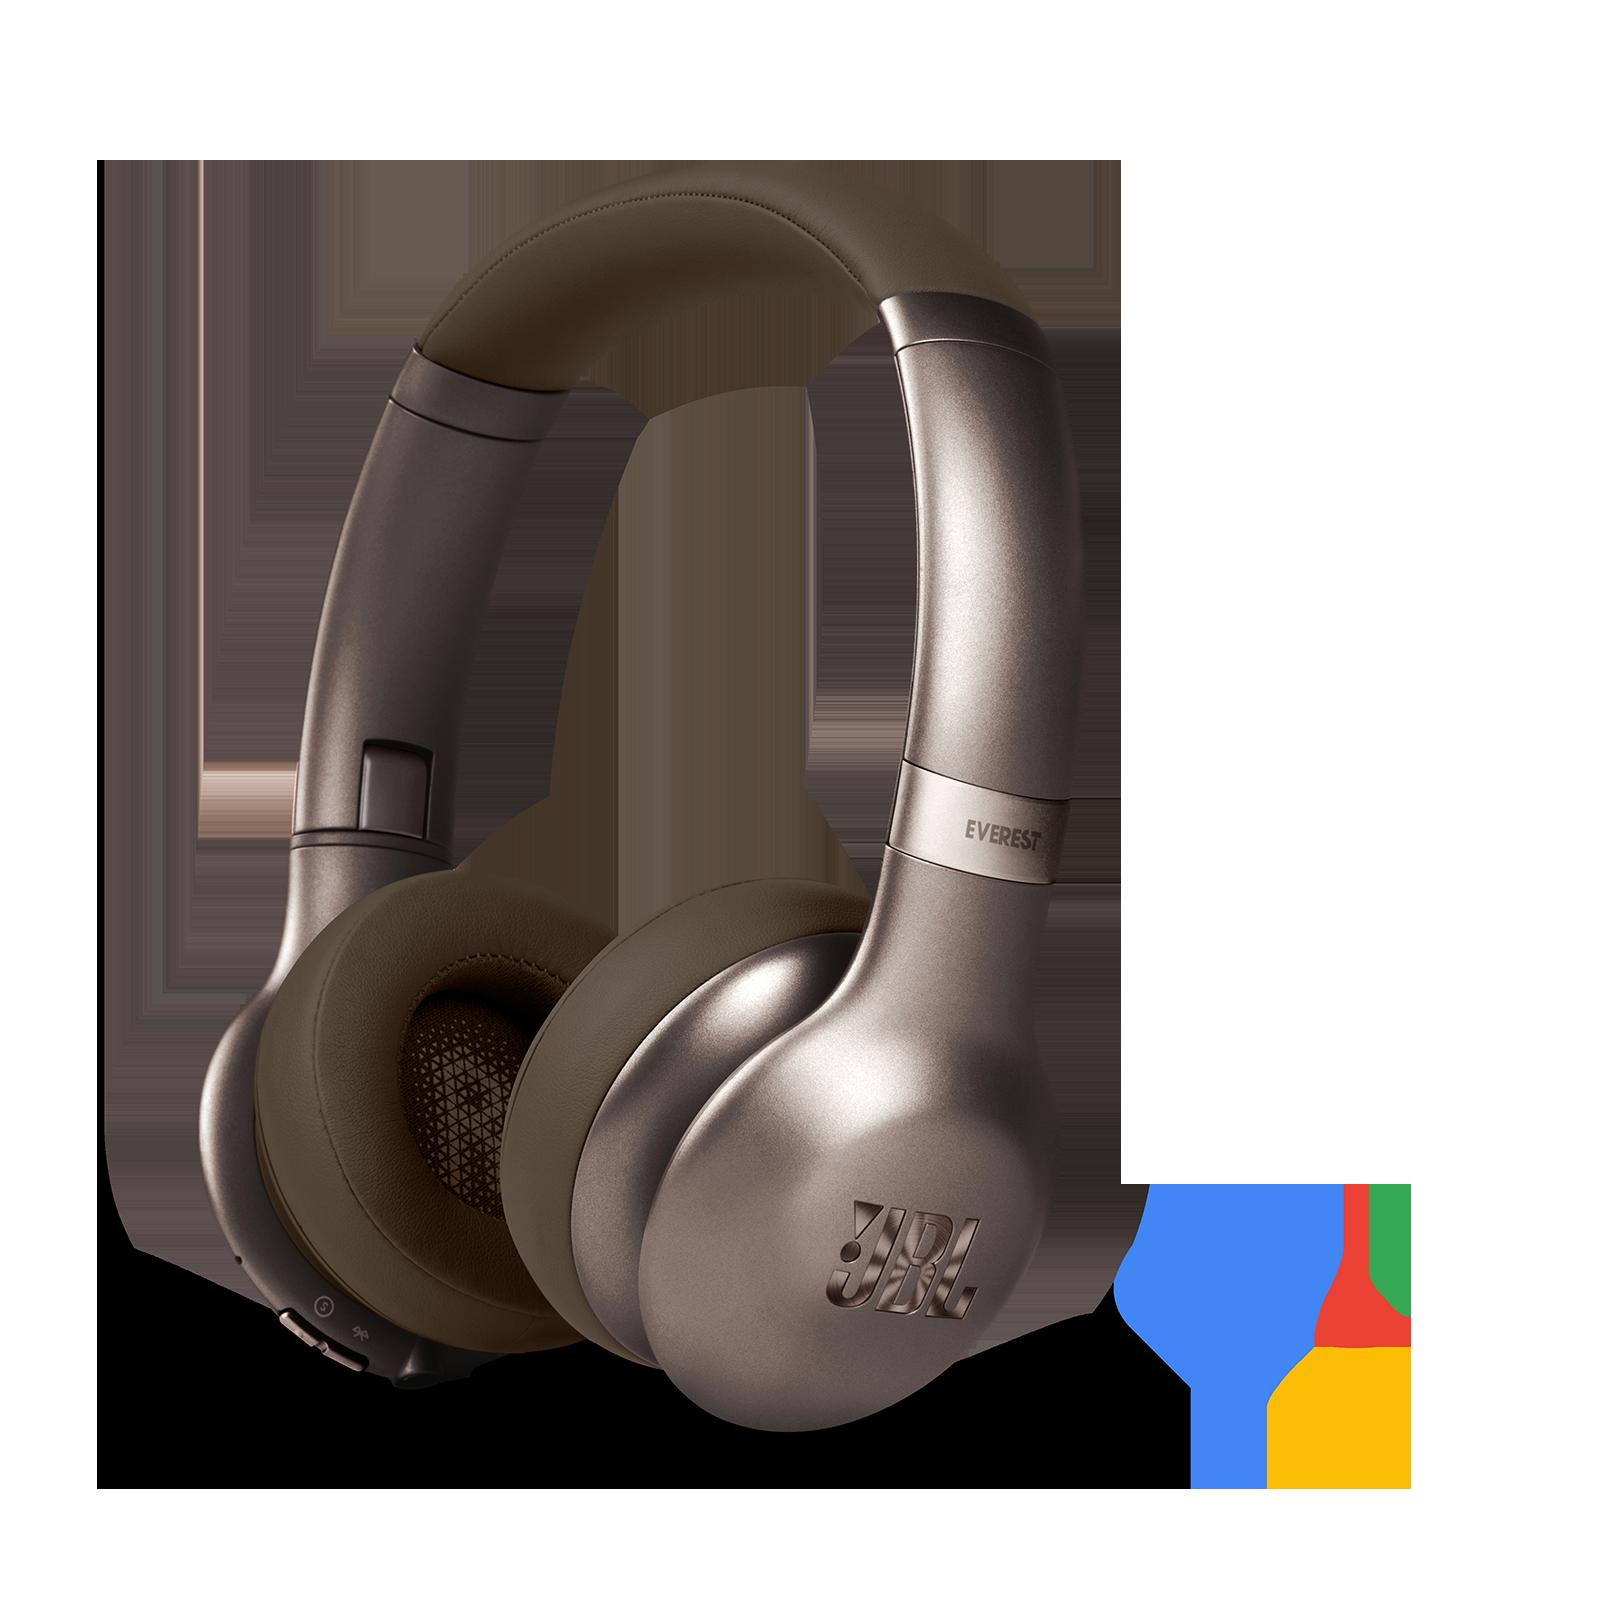 JBL Everest 310 GA - On-ear wireless (Brown)